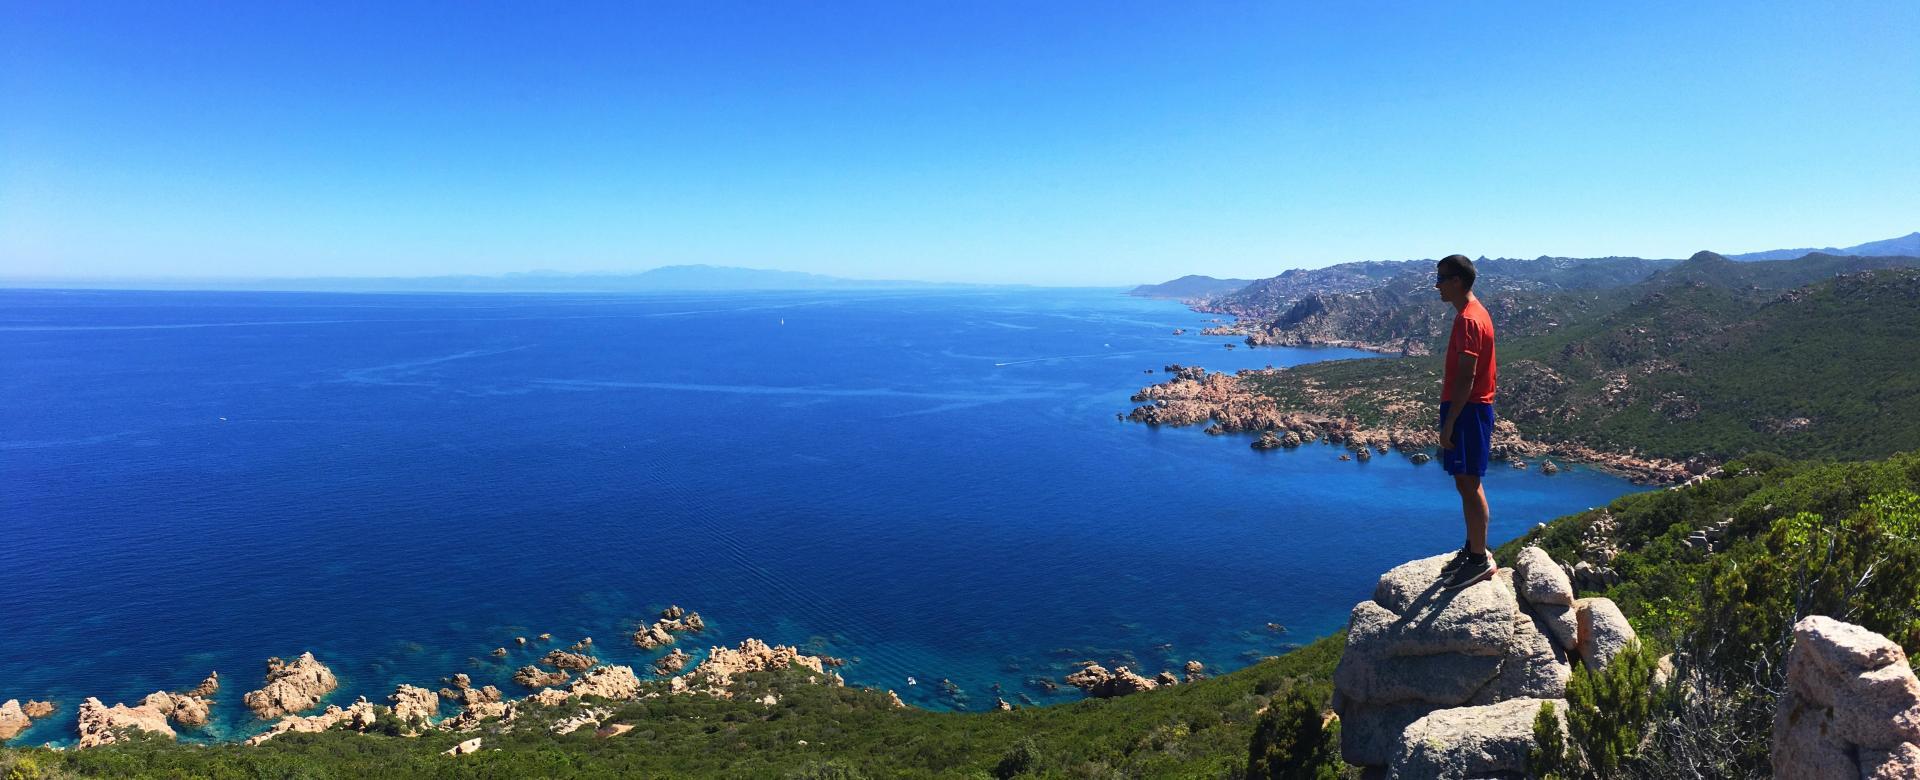 Voyage à pied Italie : Autour du selvaggio blu